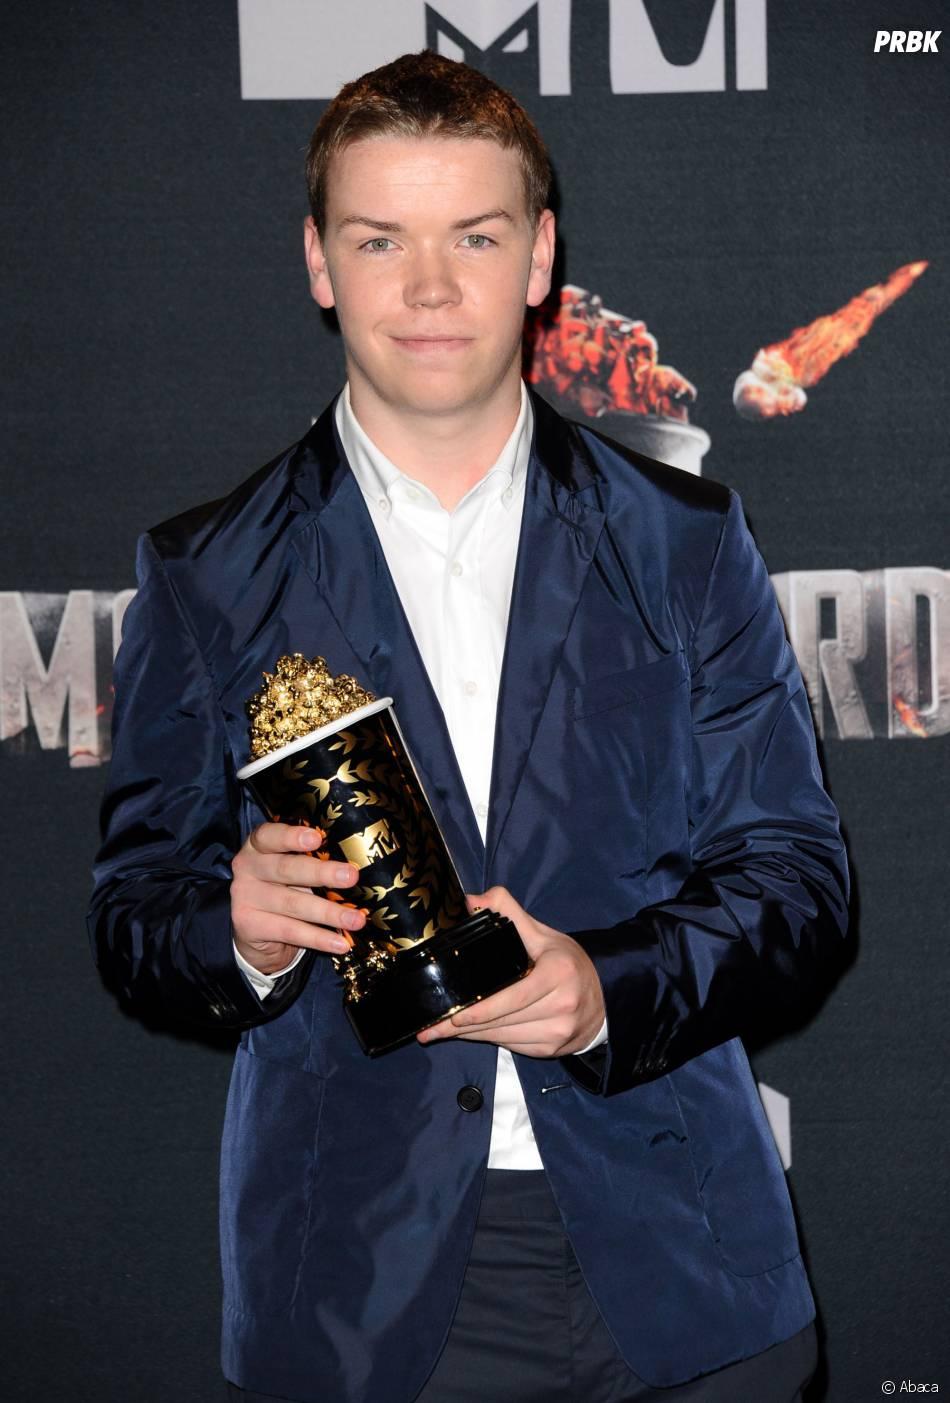 Will Poutler remporte le prix de meilleur nouvel acteur aux MTV Movie Awards 2014 le 13 avril 2014